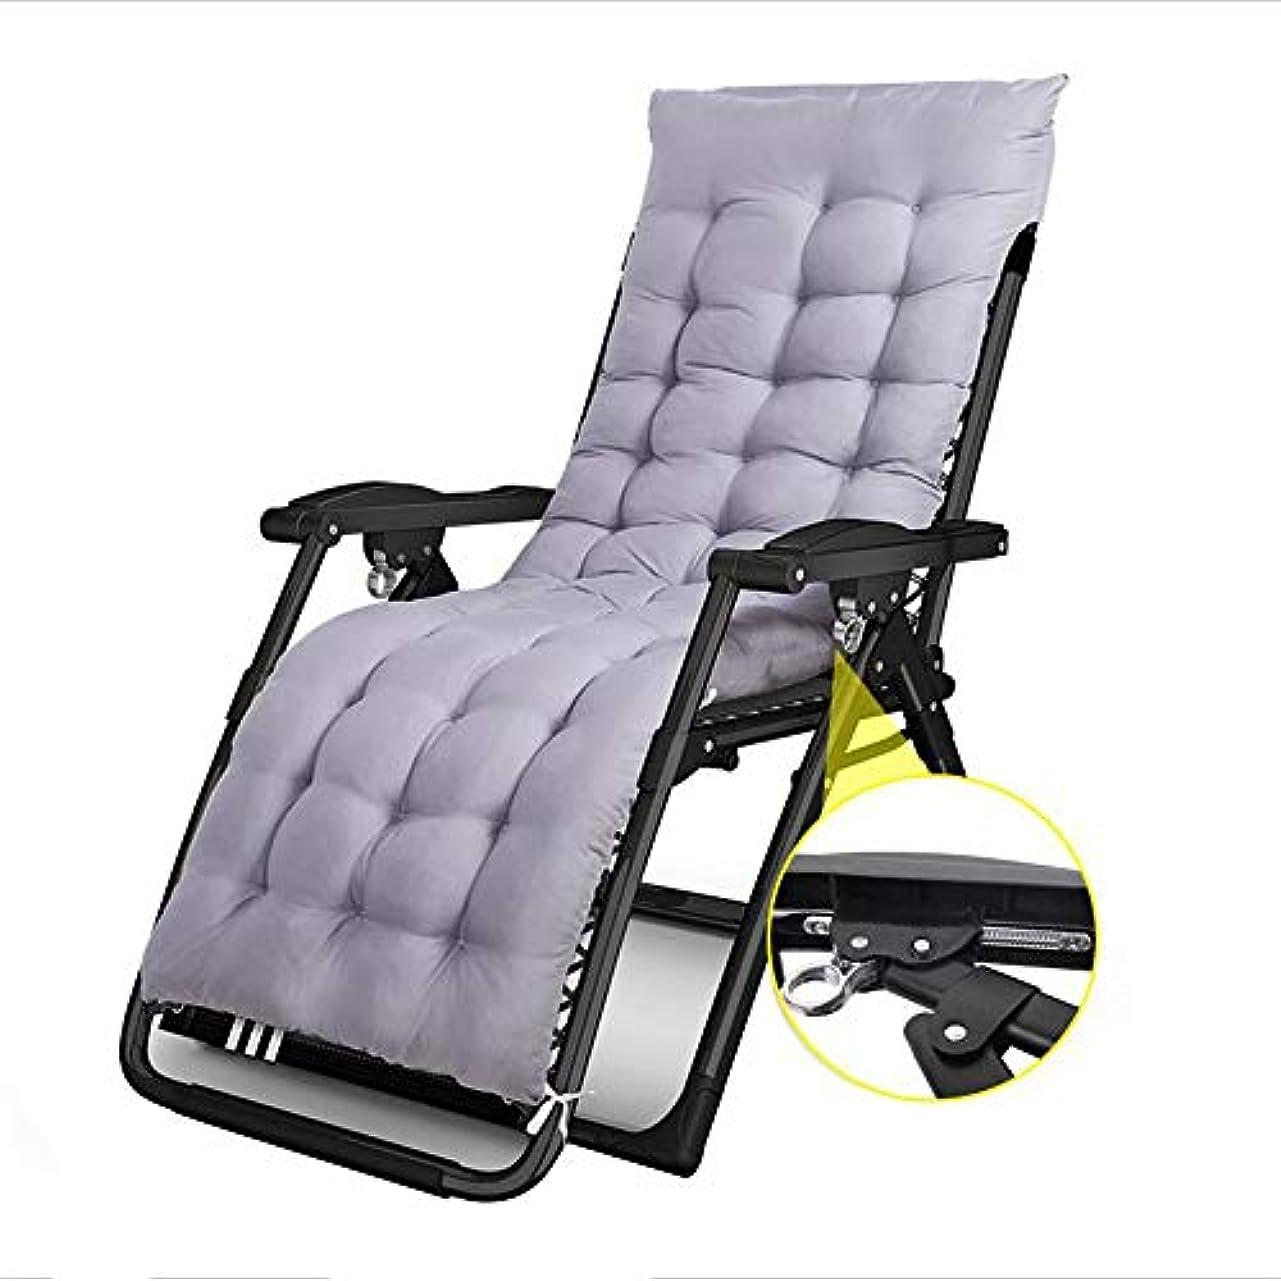 血まみれスラダムポーズTiao ZHAN ランチブレーキ 折りたたみ椅子/スリーピングチェア/ロッキングチェア/レジャー/大人用レジャーチェア/高齢者用椅子 AA